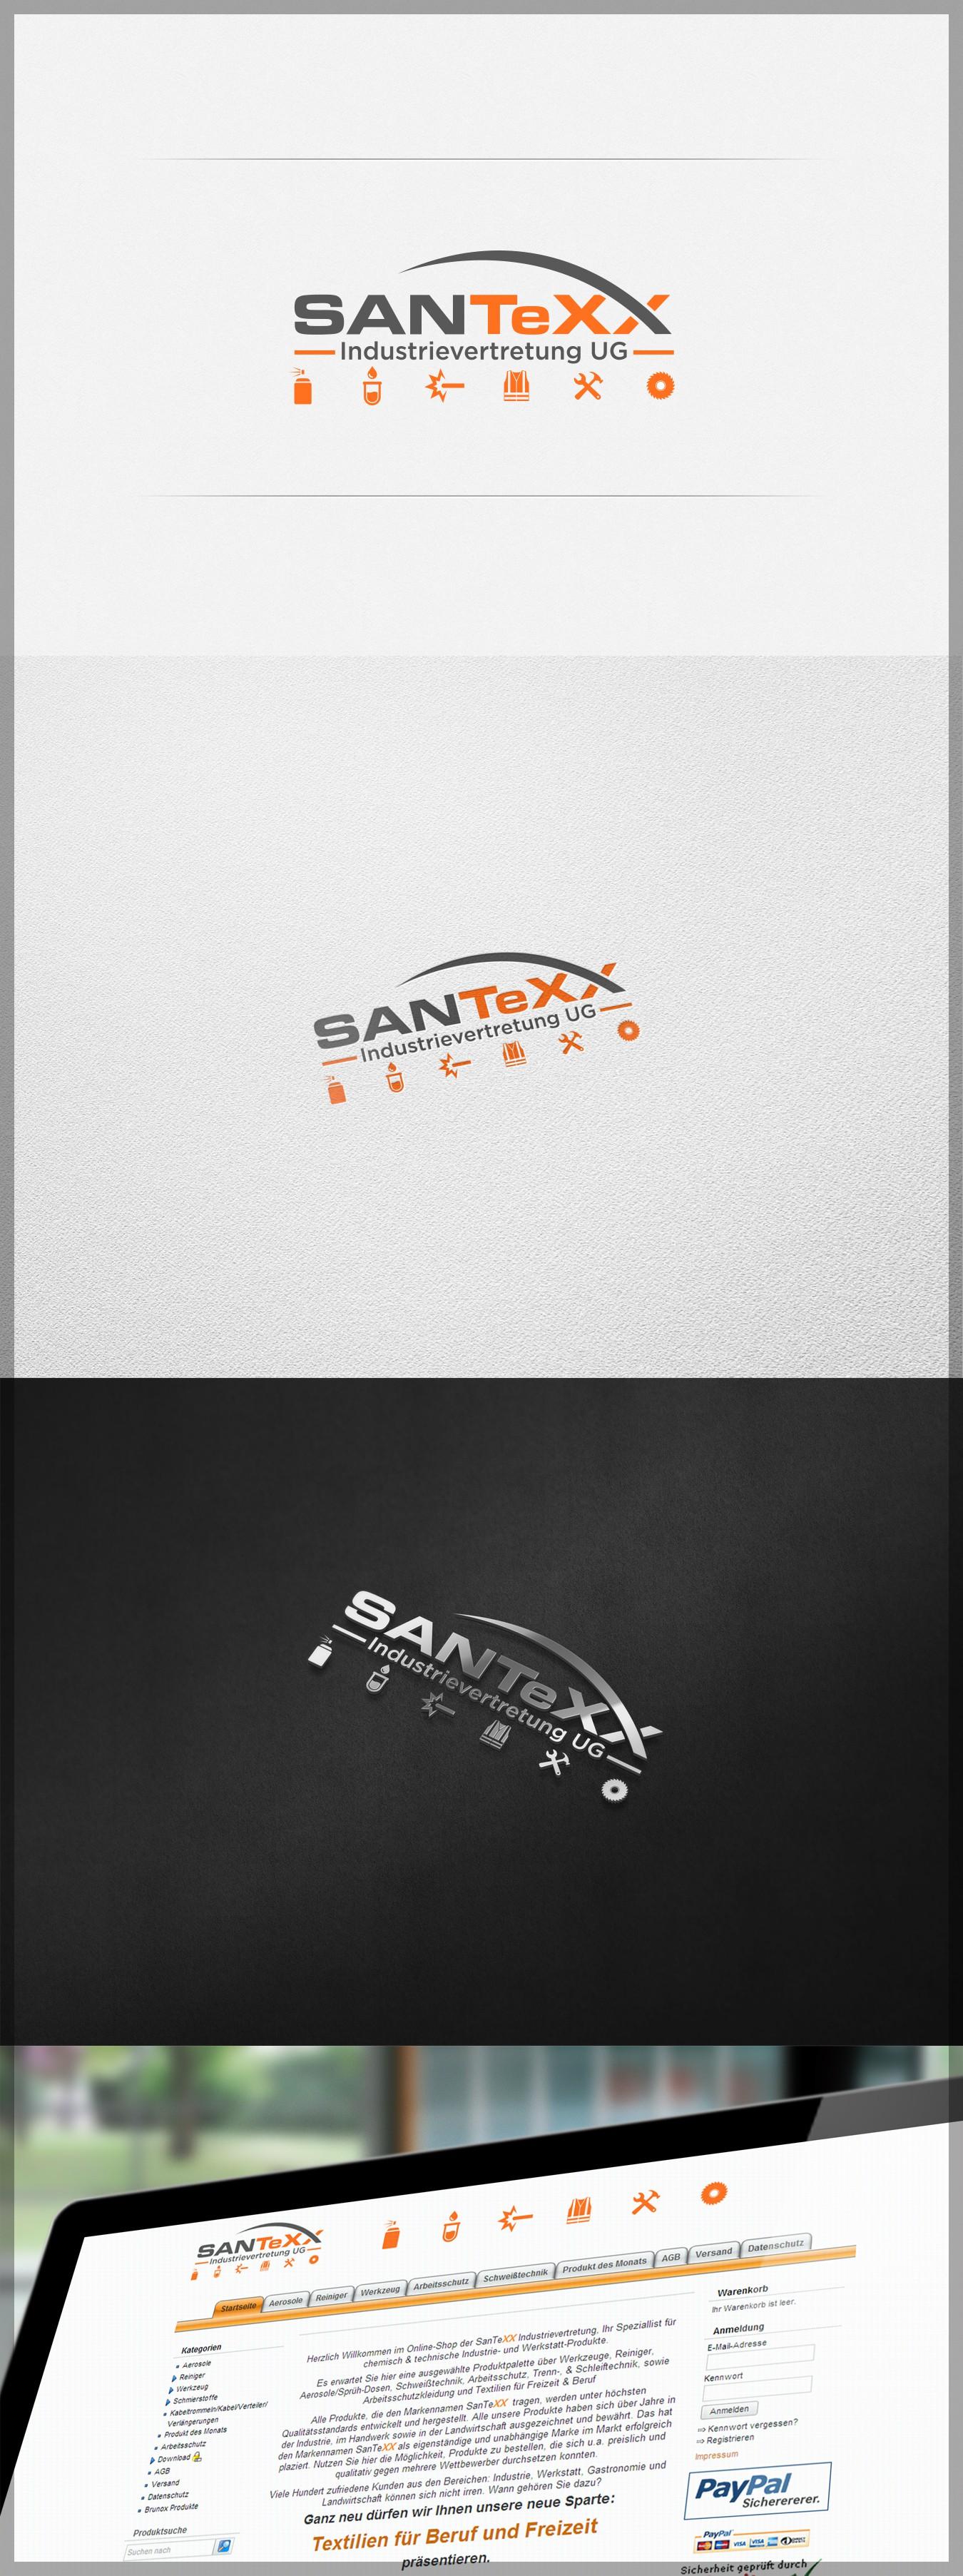 Erstellt ein neues, erfischendes Logo für meine kleines Unternehmen